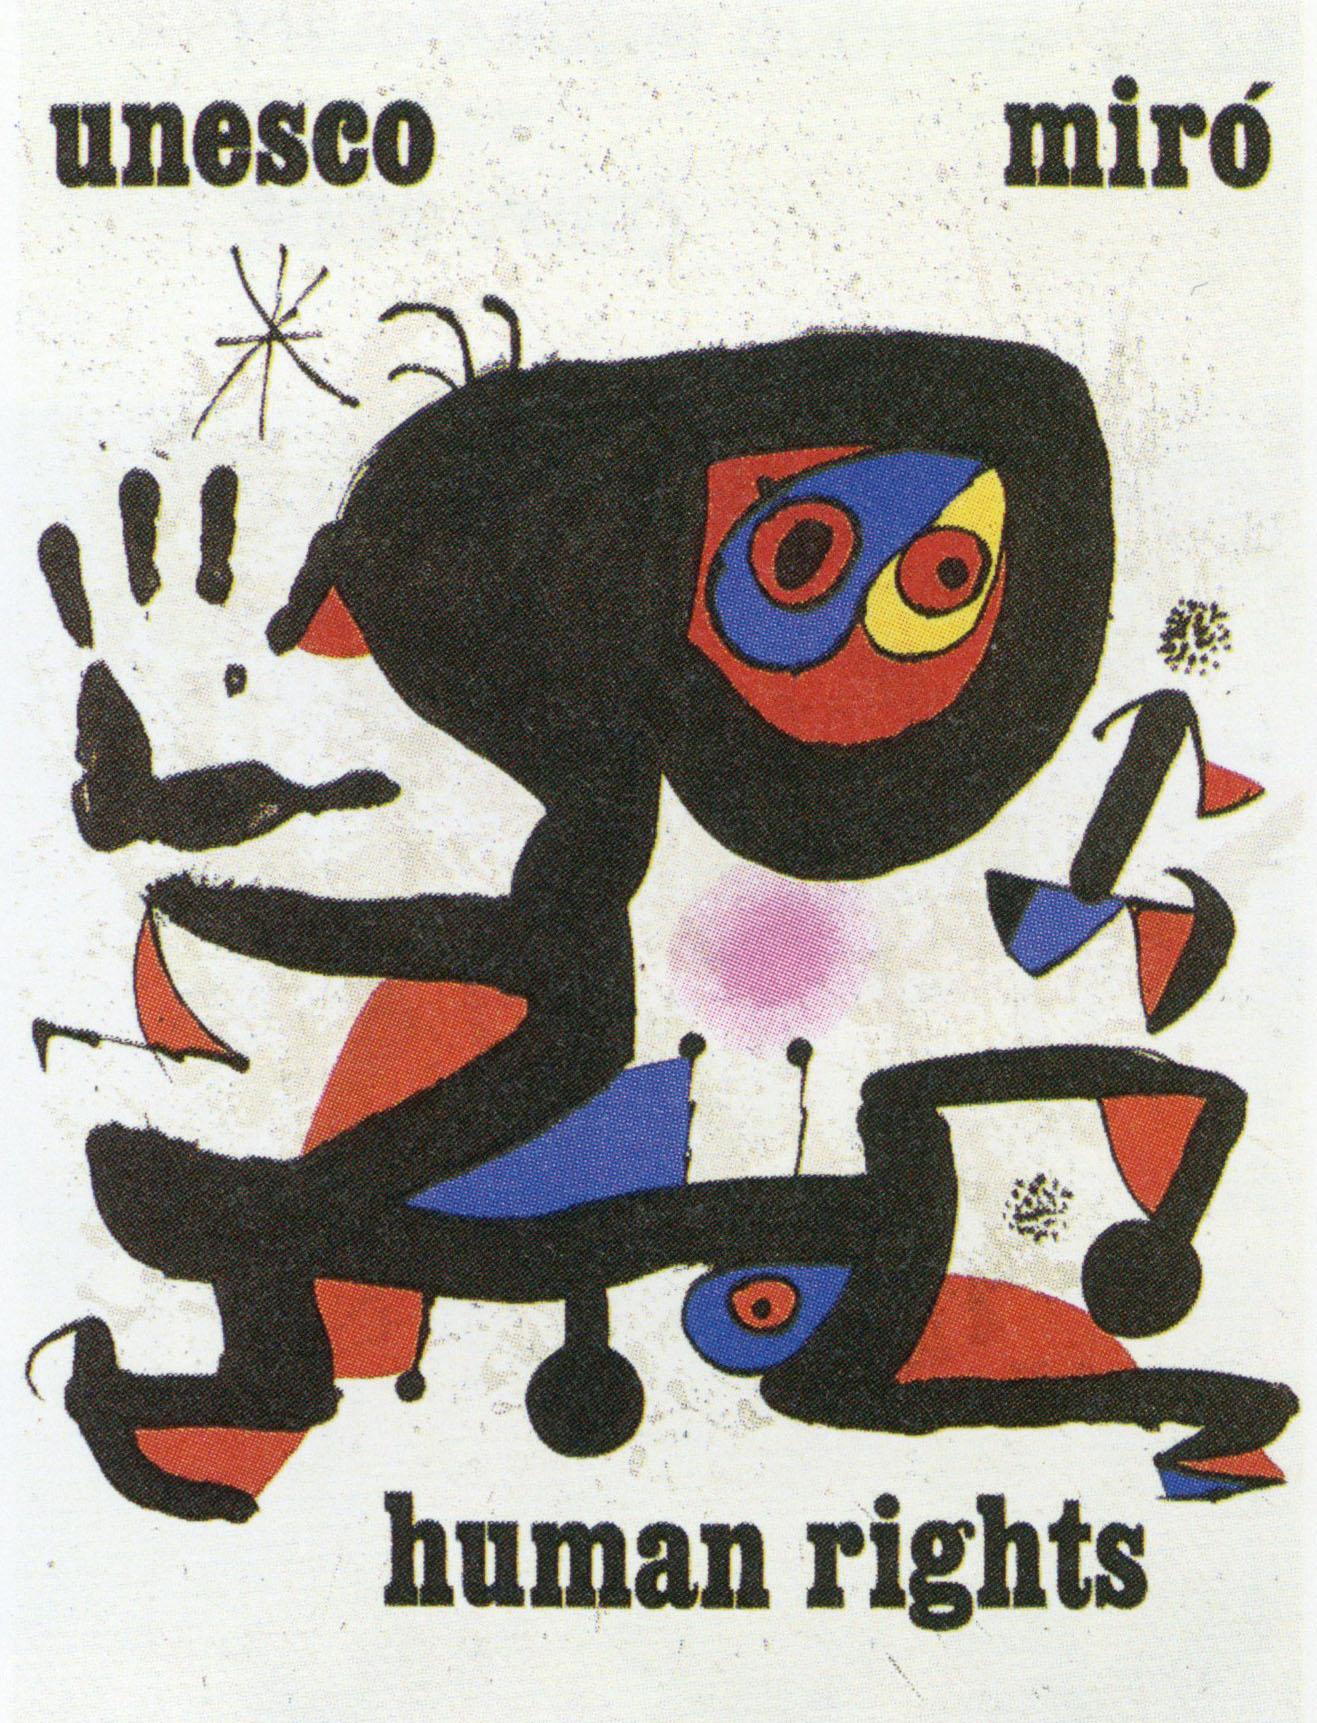 ジョアン・ミロ ポスター「Unesco-Human rights」 /Joan Miro